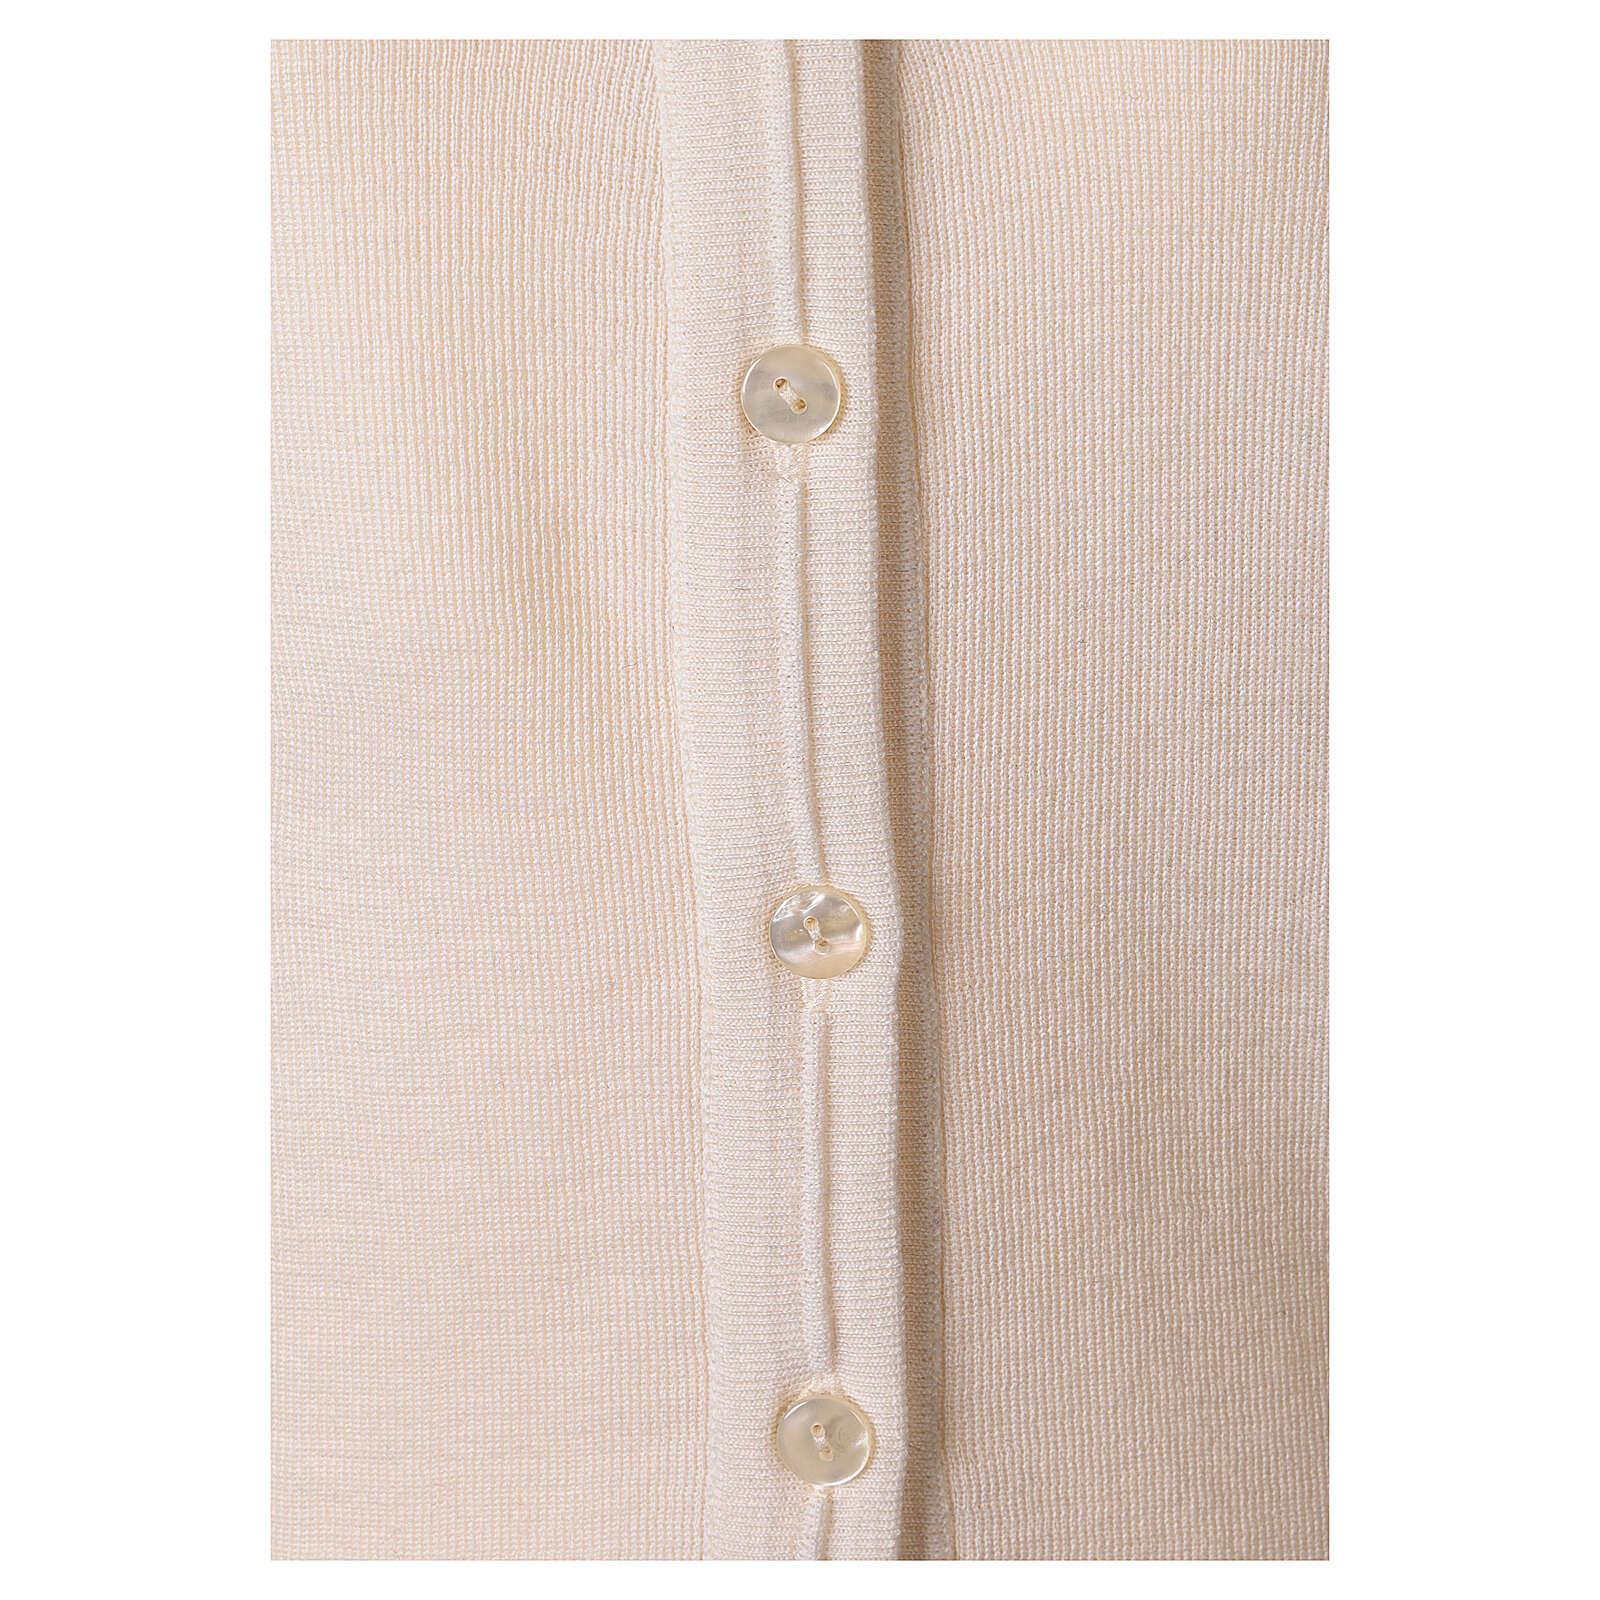 Sweter krótki biały 50% wełna merynos 50% akryl siostra zakonna In Primis 4